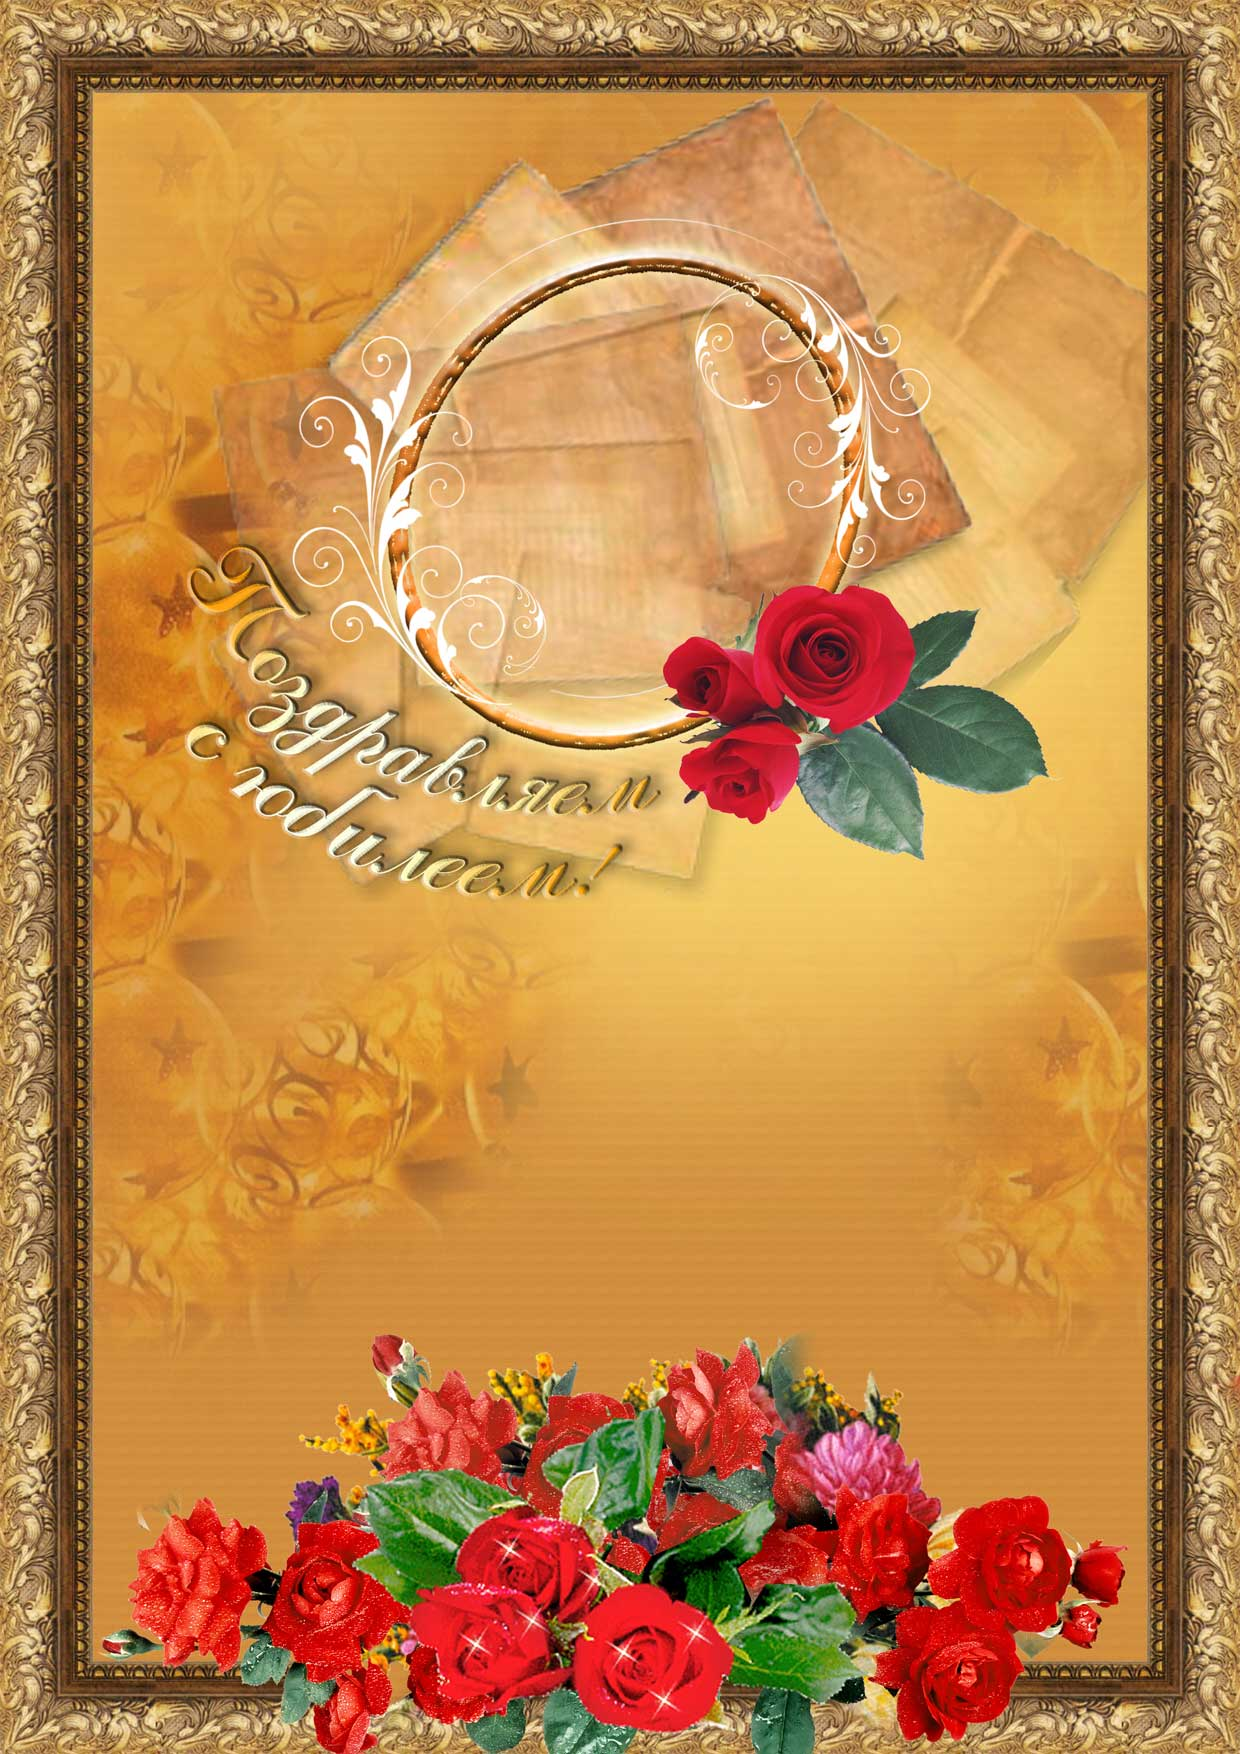 Шаблон открытки с юбилеем 60 лет женщине для фотошопа